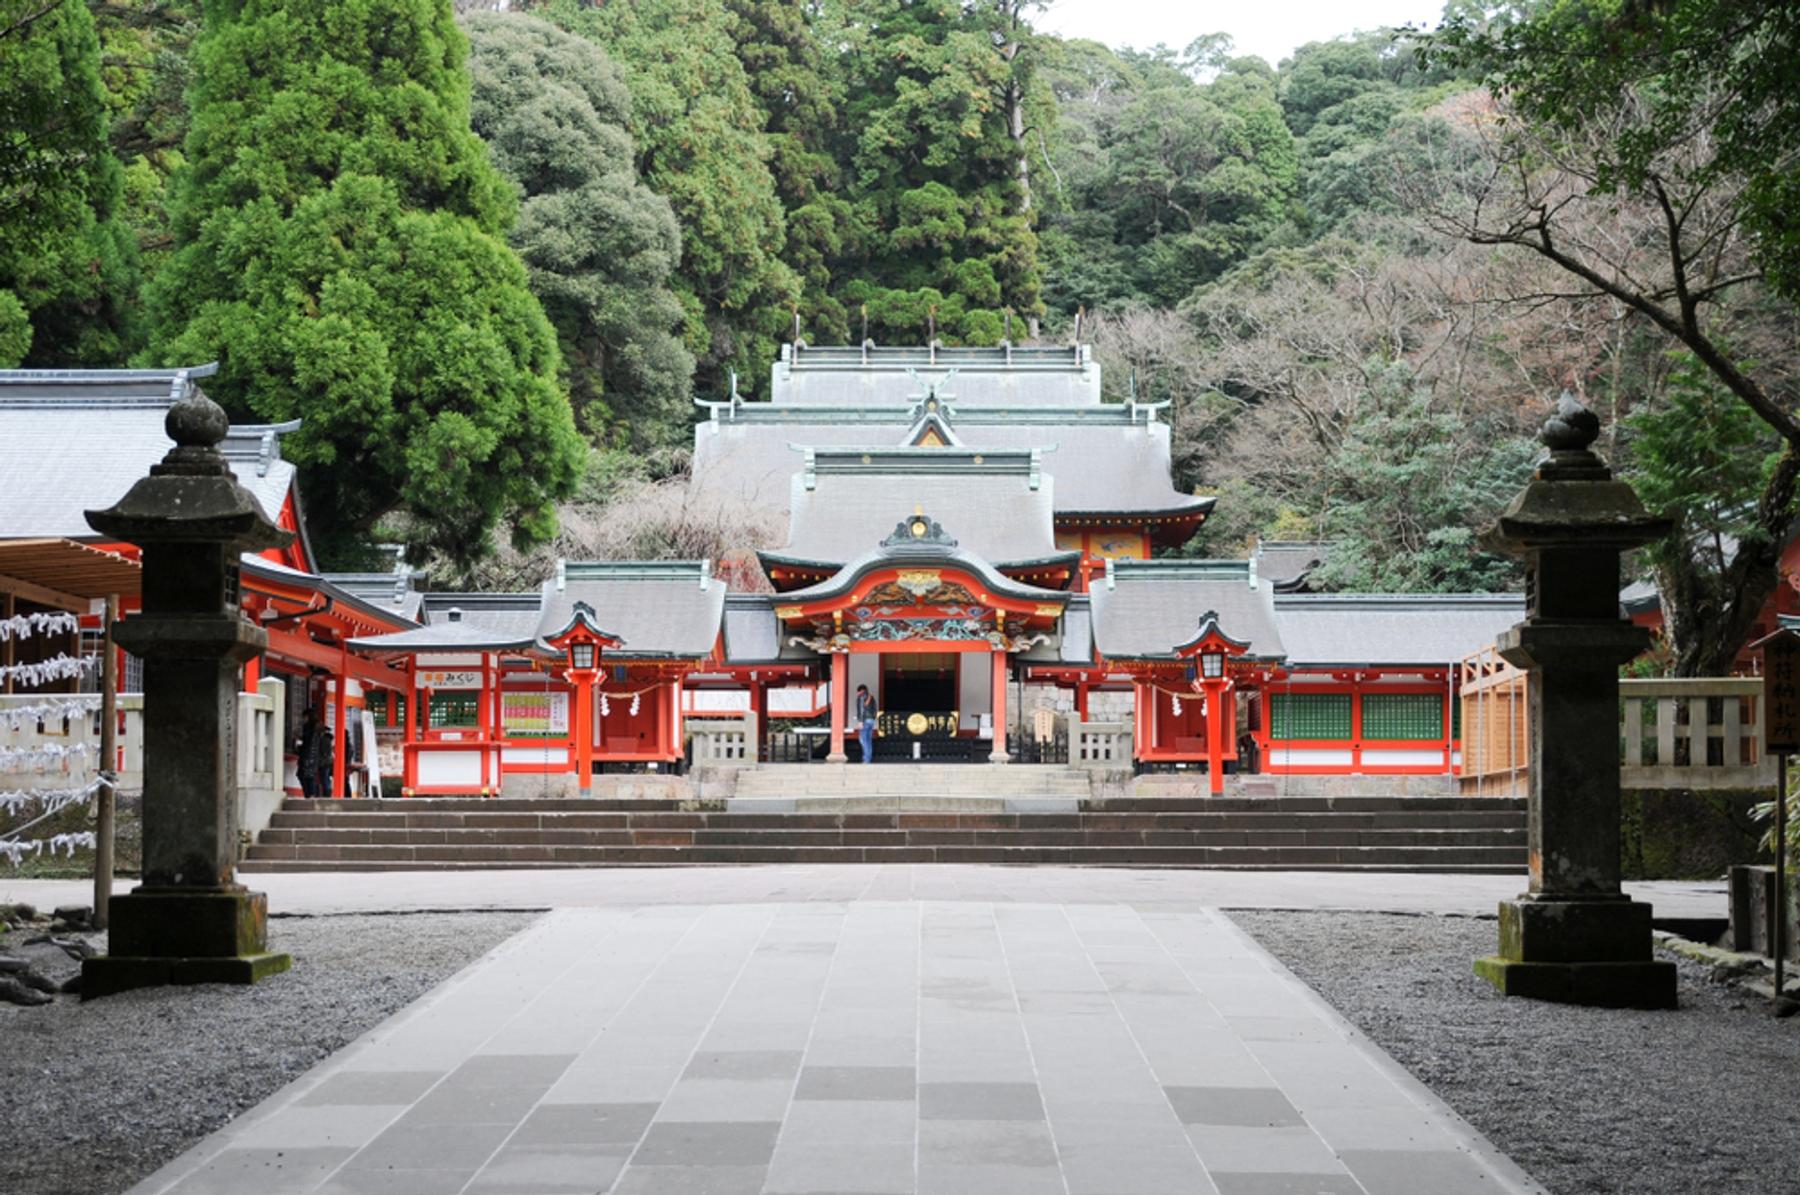 鹿児島県 6世紀に創建された古い歴史を誇る霧島神宮